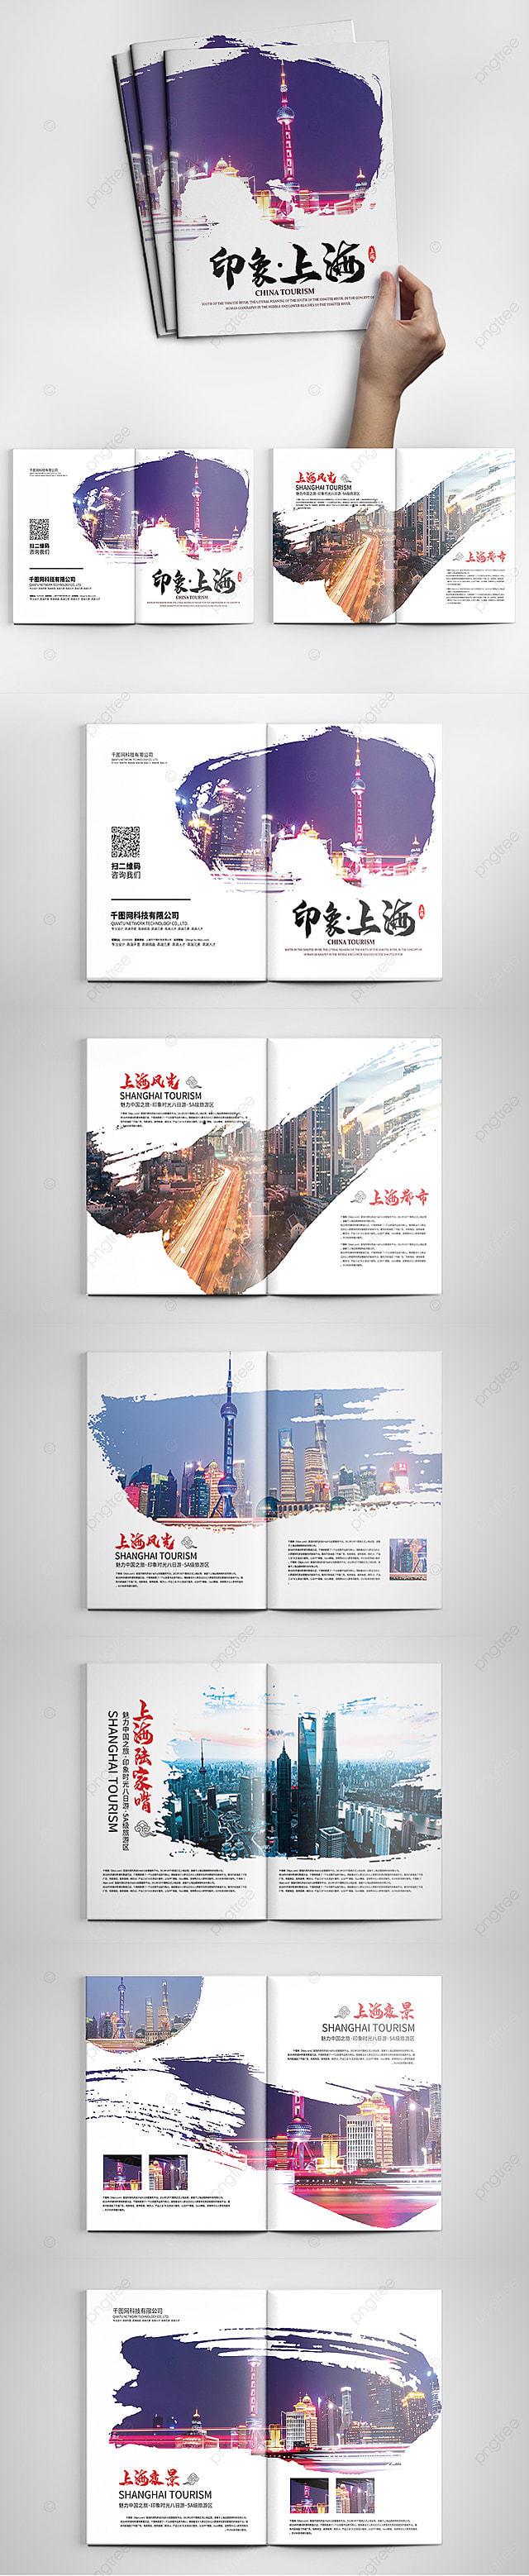 Travel Brochure Template Travel Brochure Travel Album Cover